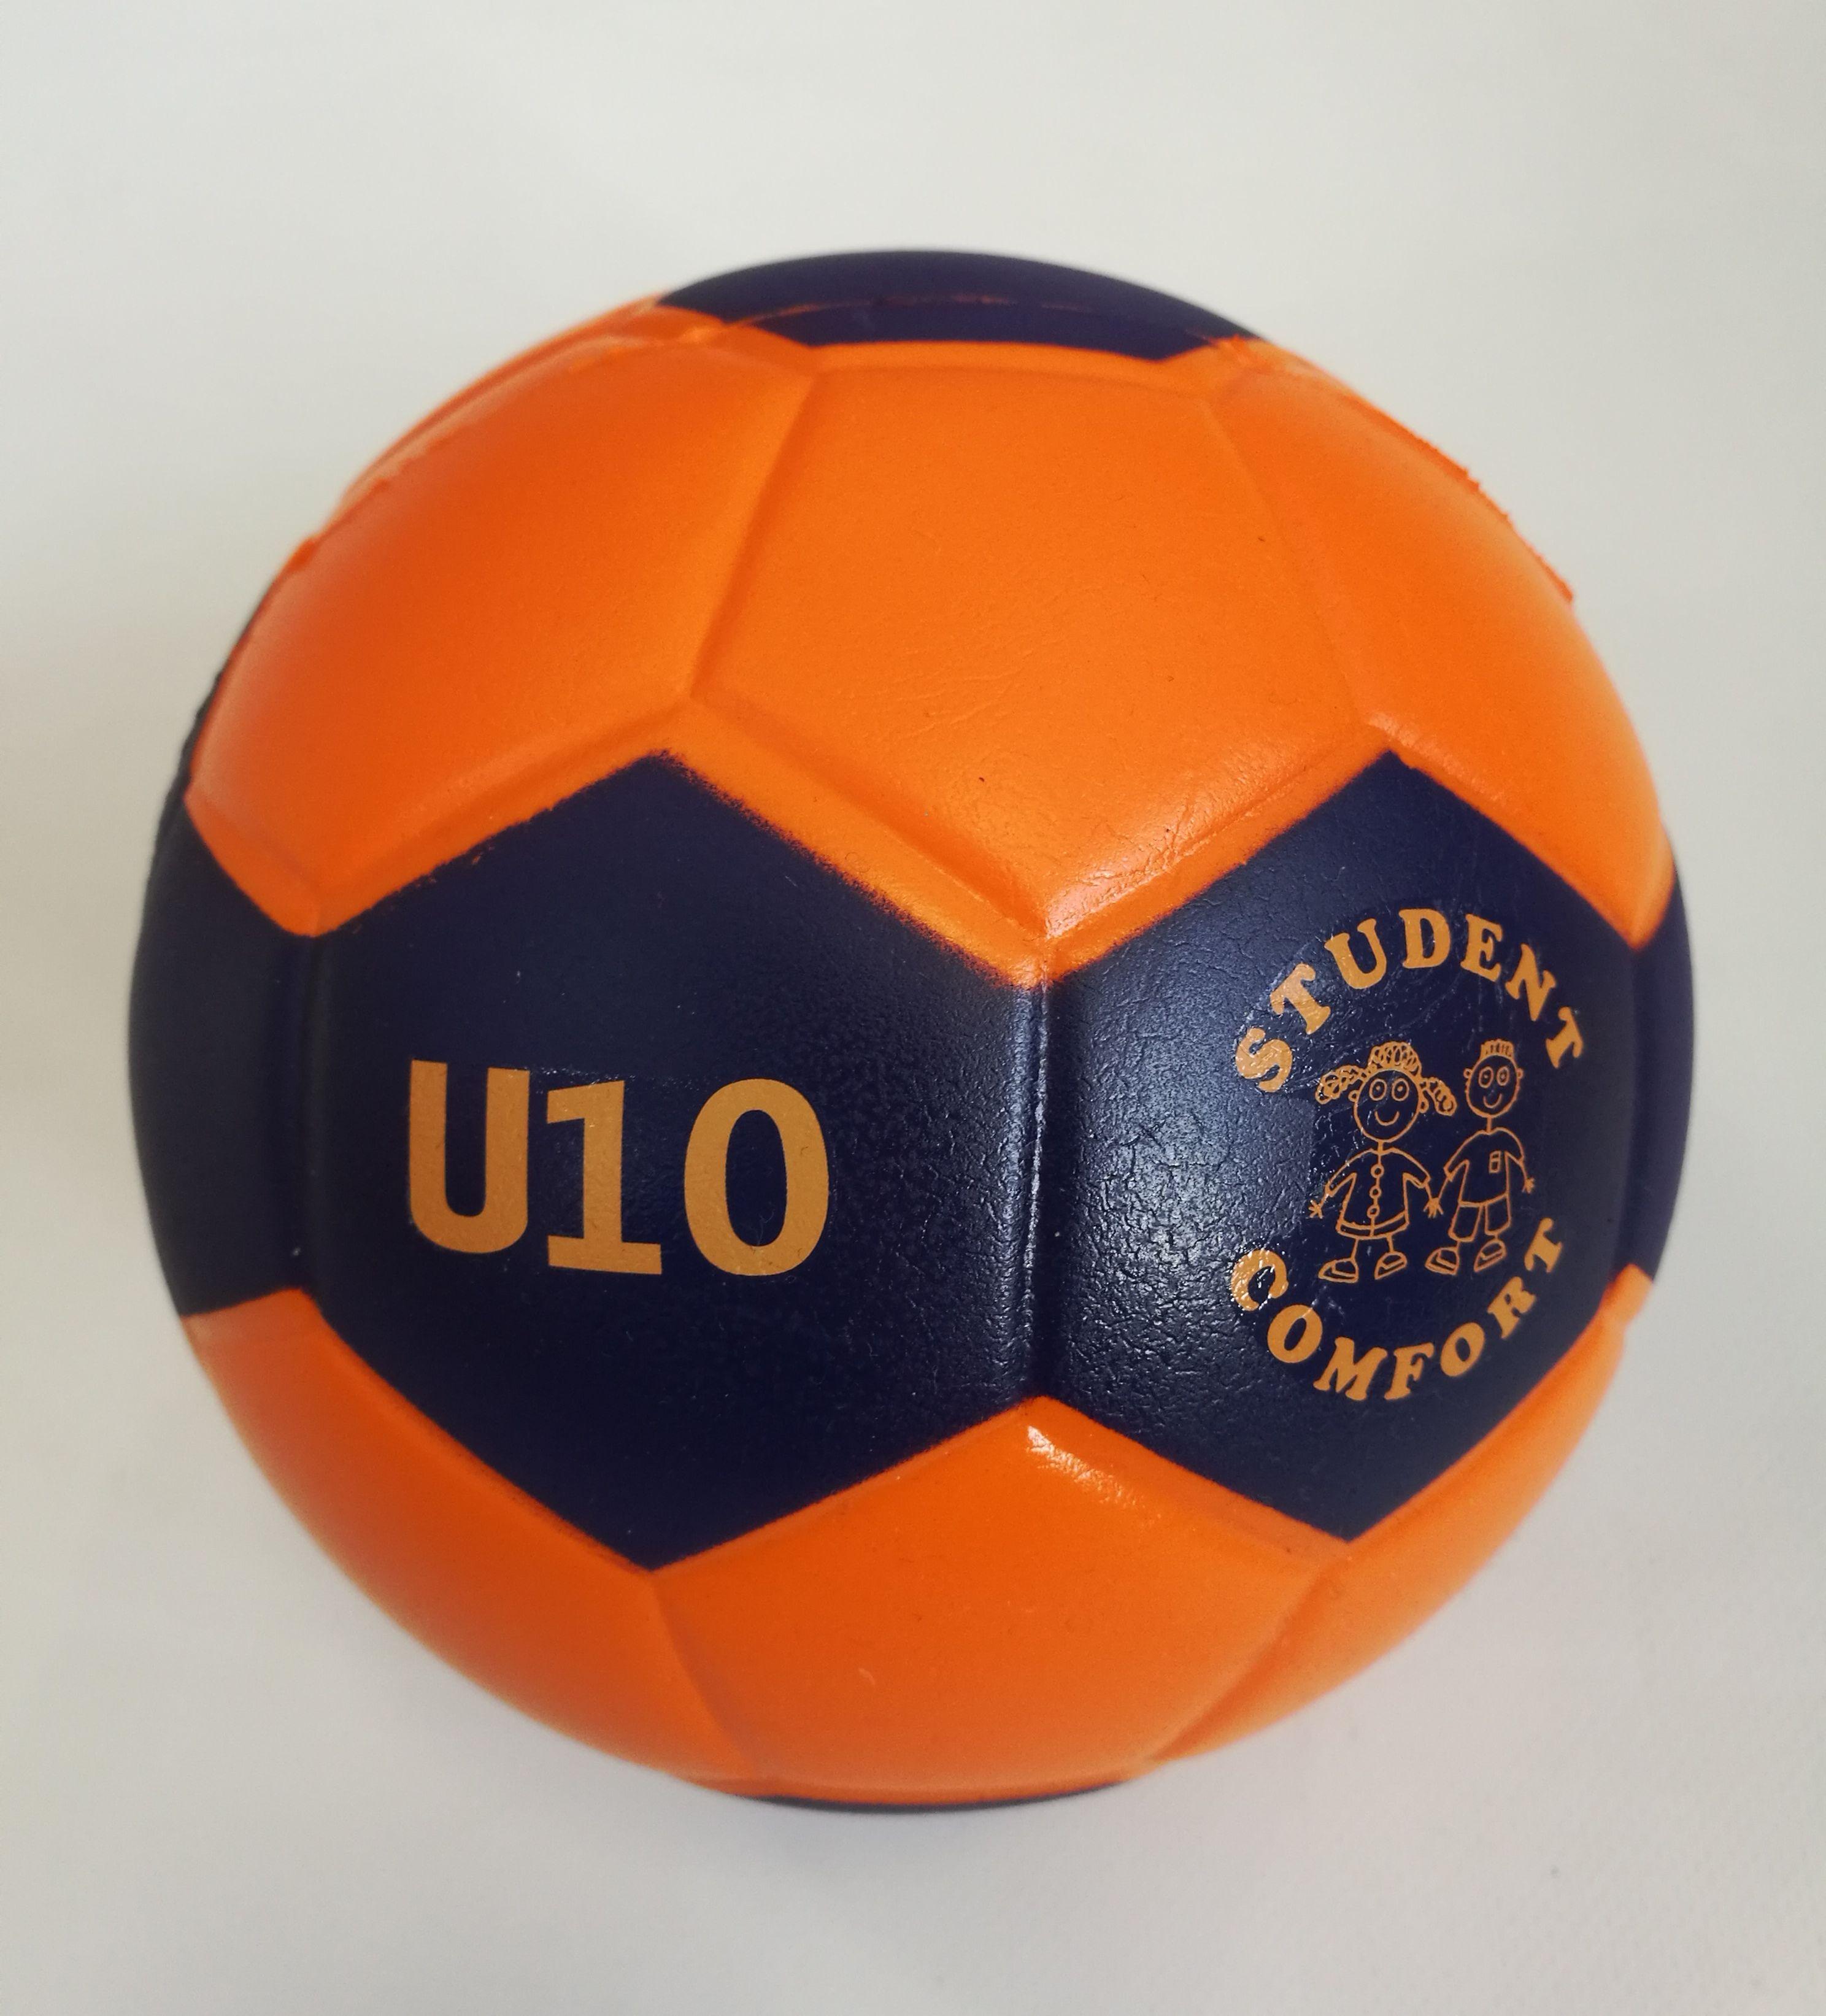 a9191145d0235 Penová lopta pre deti U10 ( BF ) - AGsport | SK